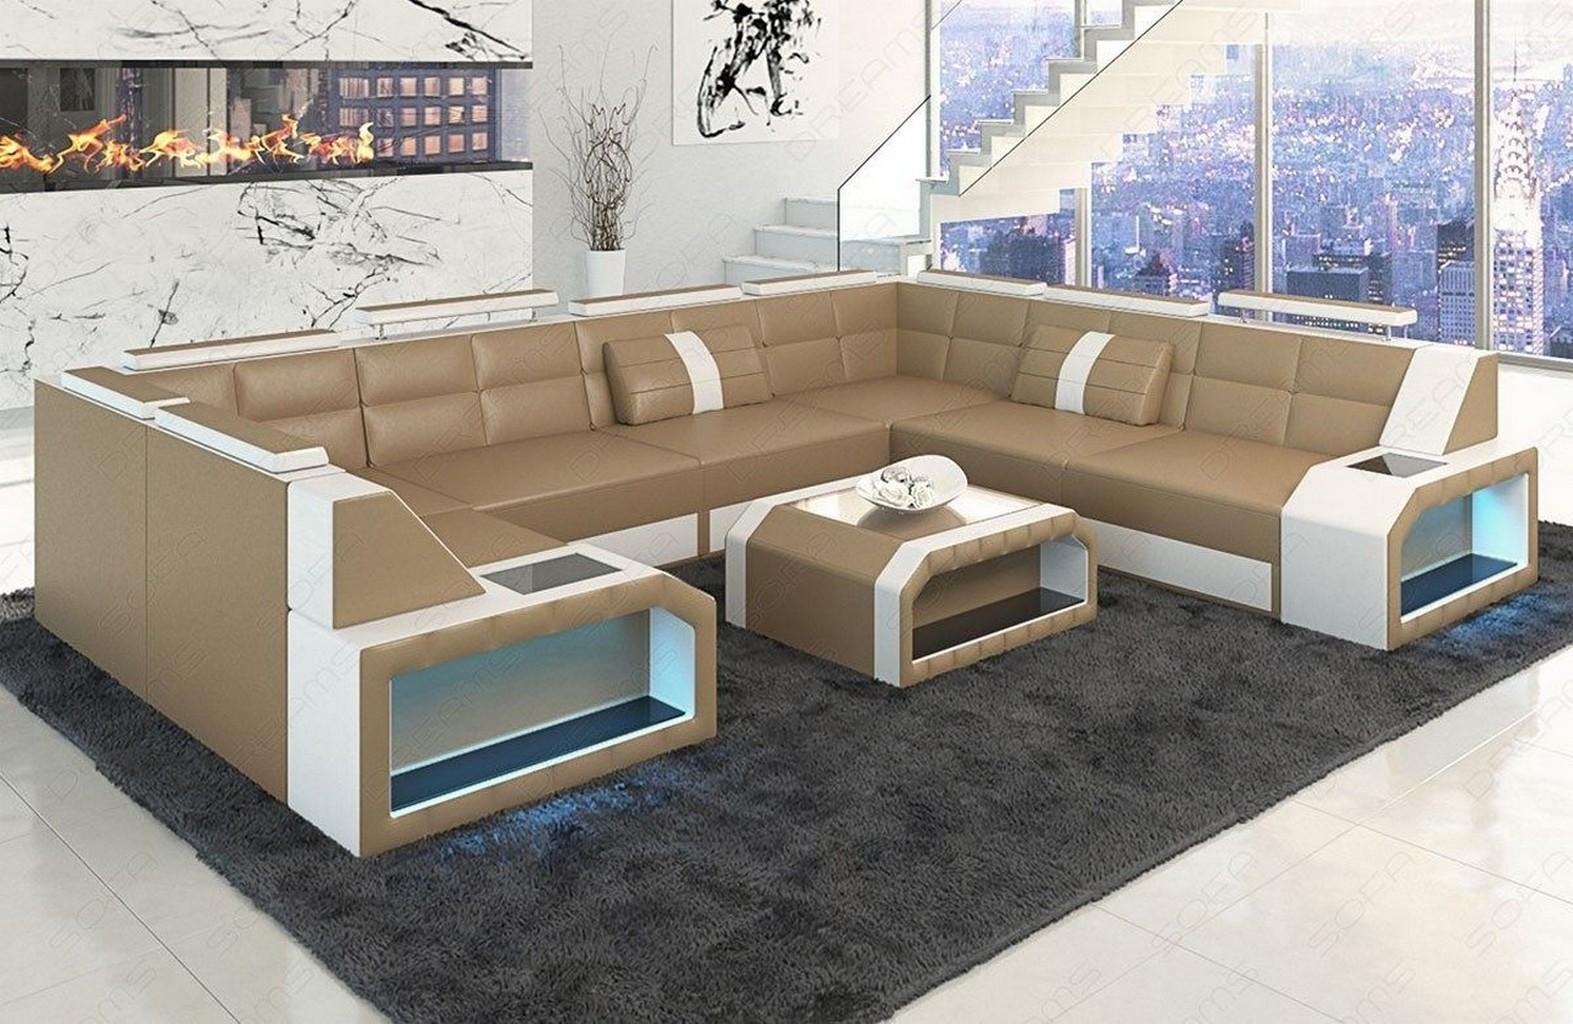 leather sofa corner couch set pesaro xl u shaped led. Black Bedroom Furniture Sets. Home Design Ideas